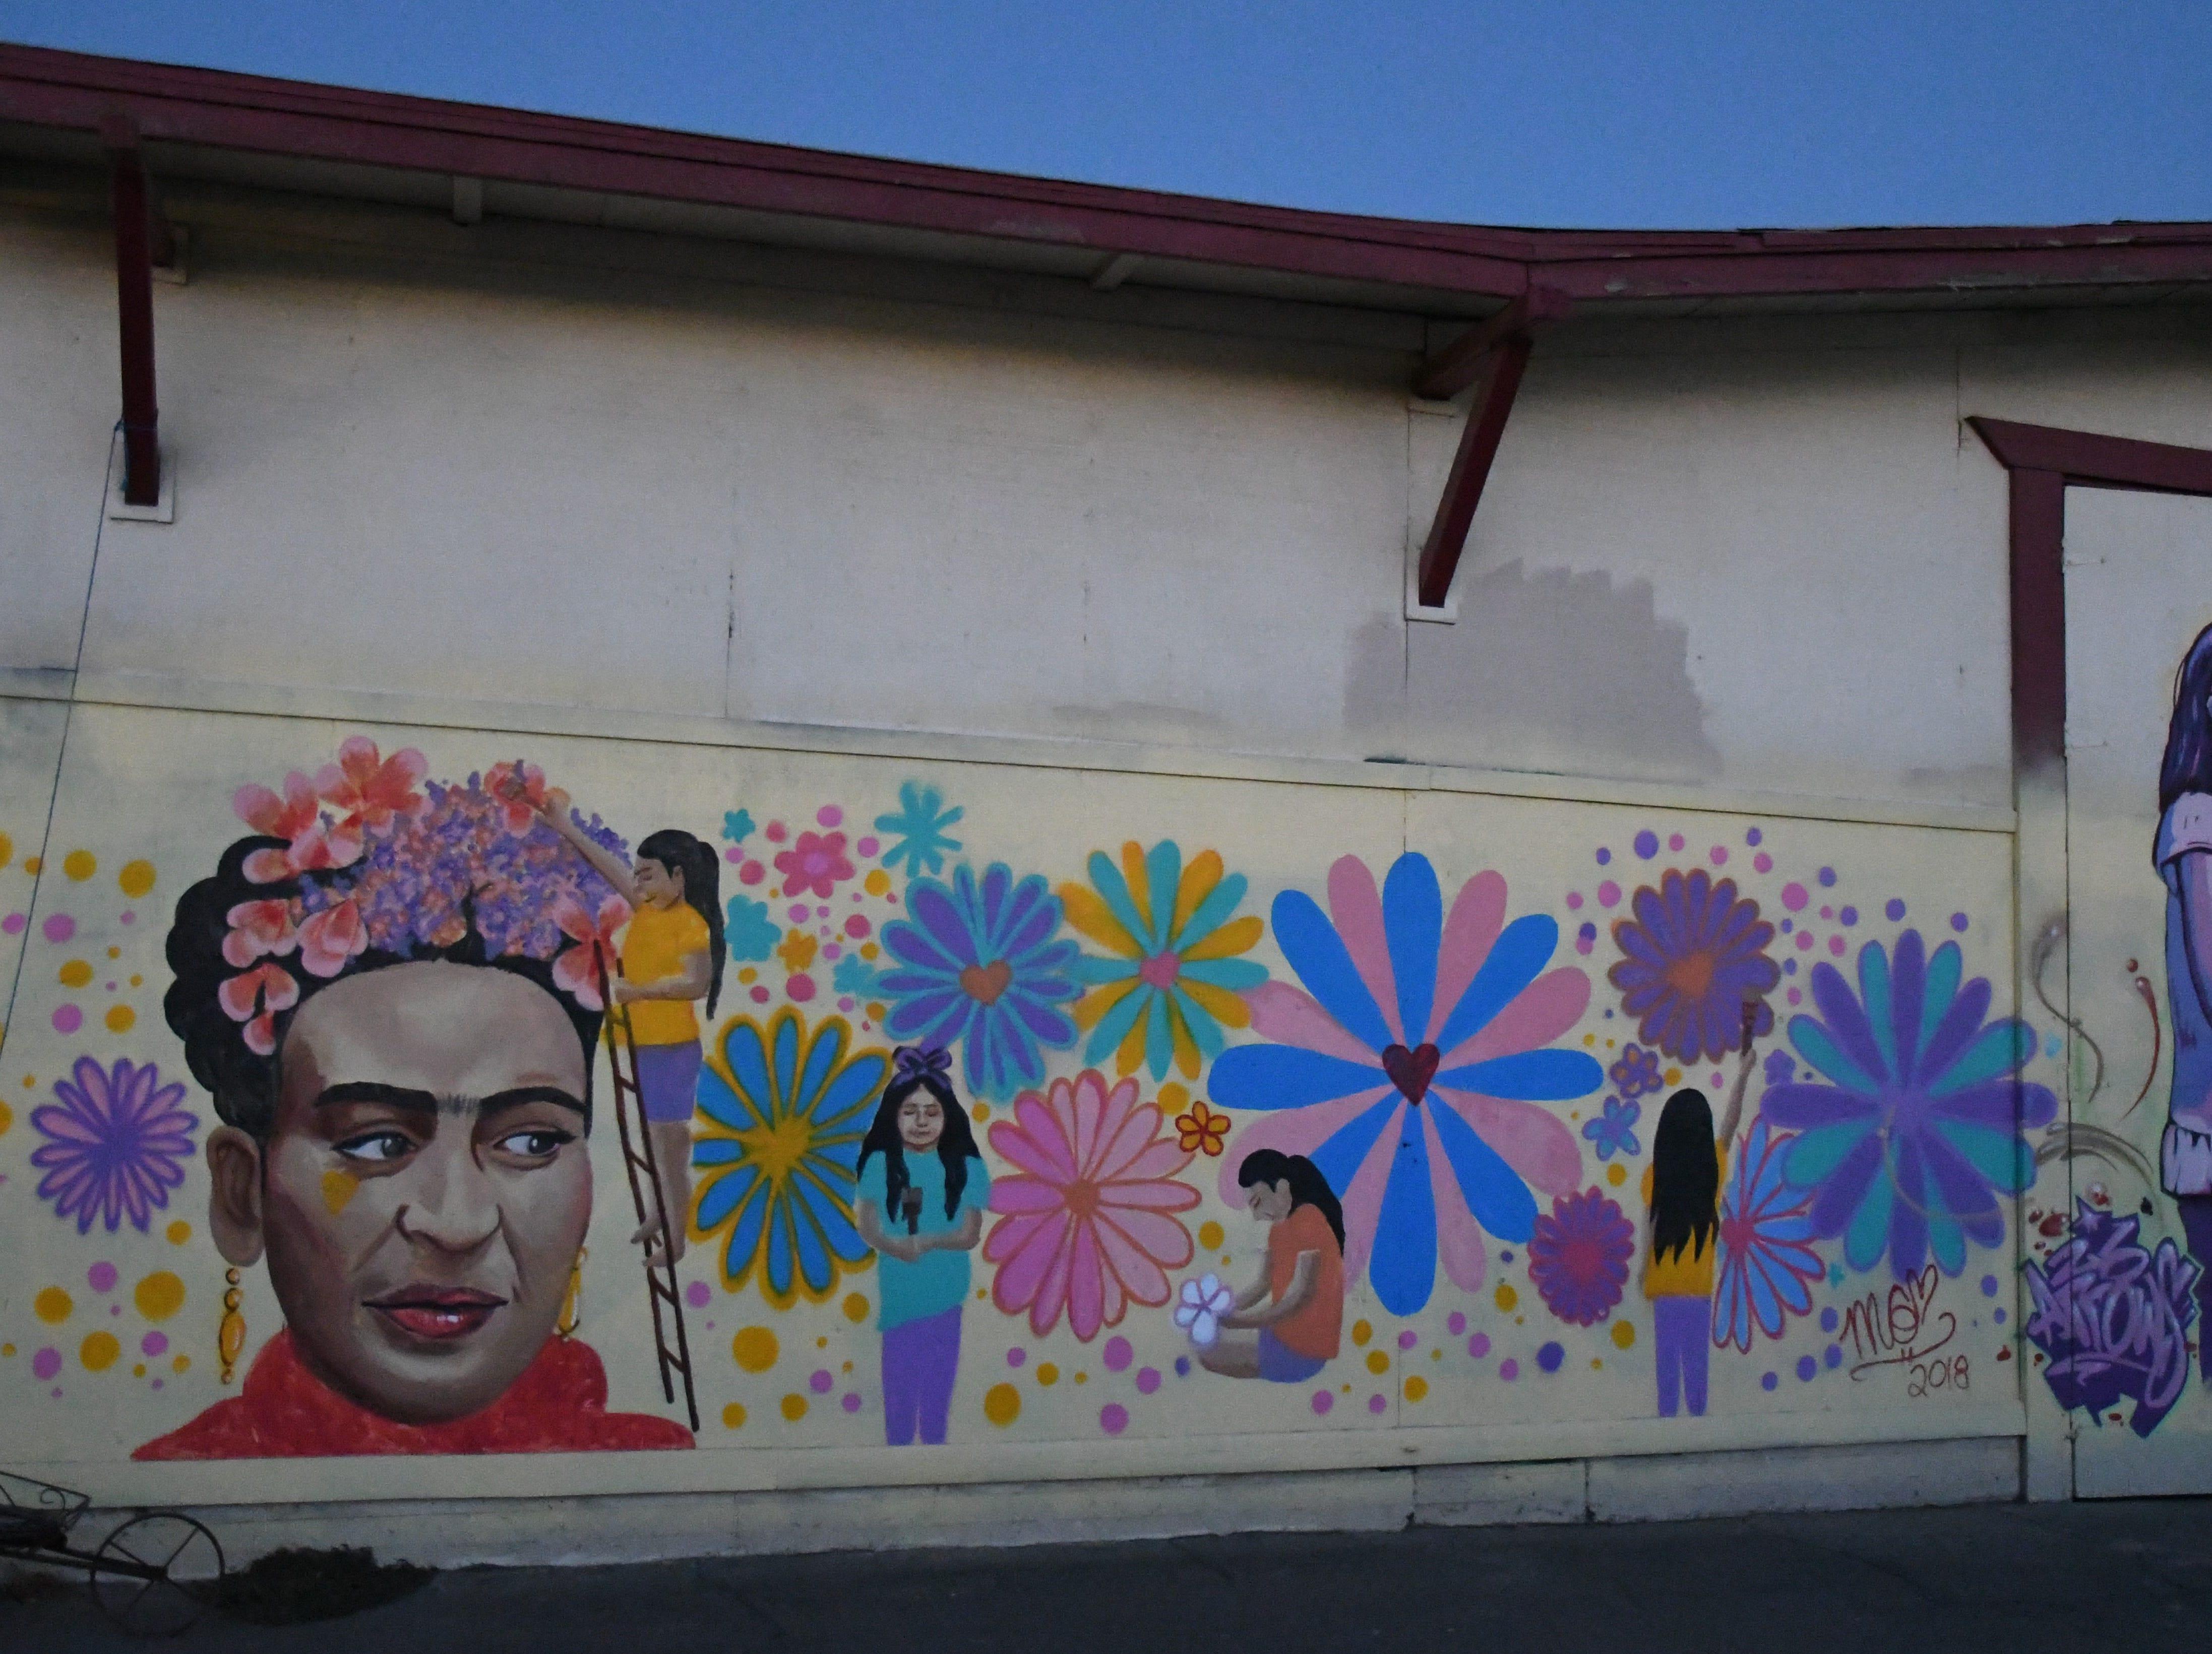 Frida Kahlo graces The Old Lumberyard